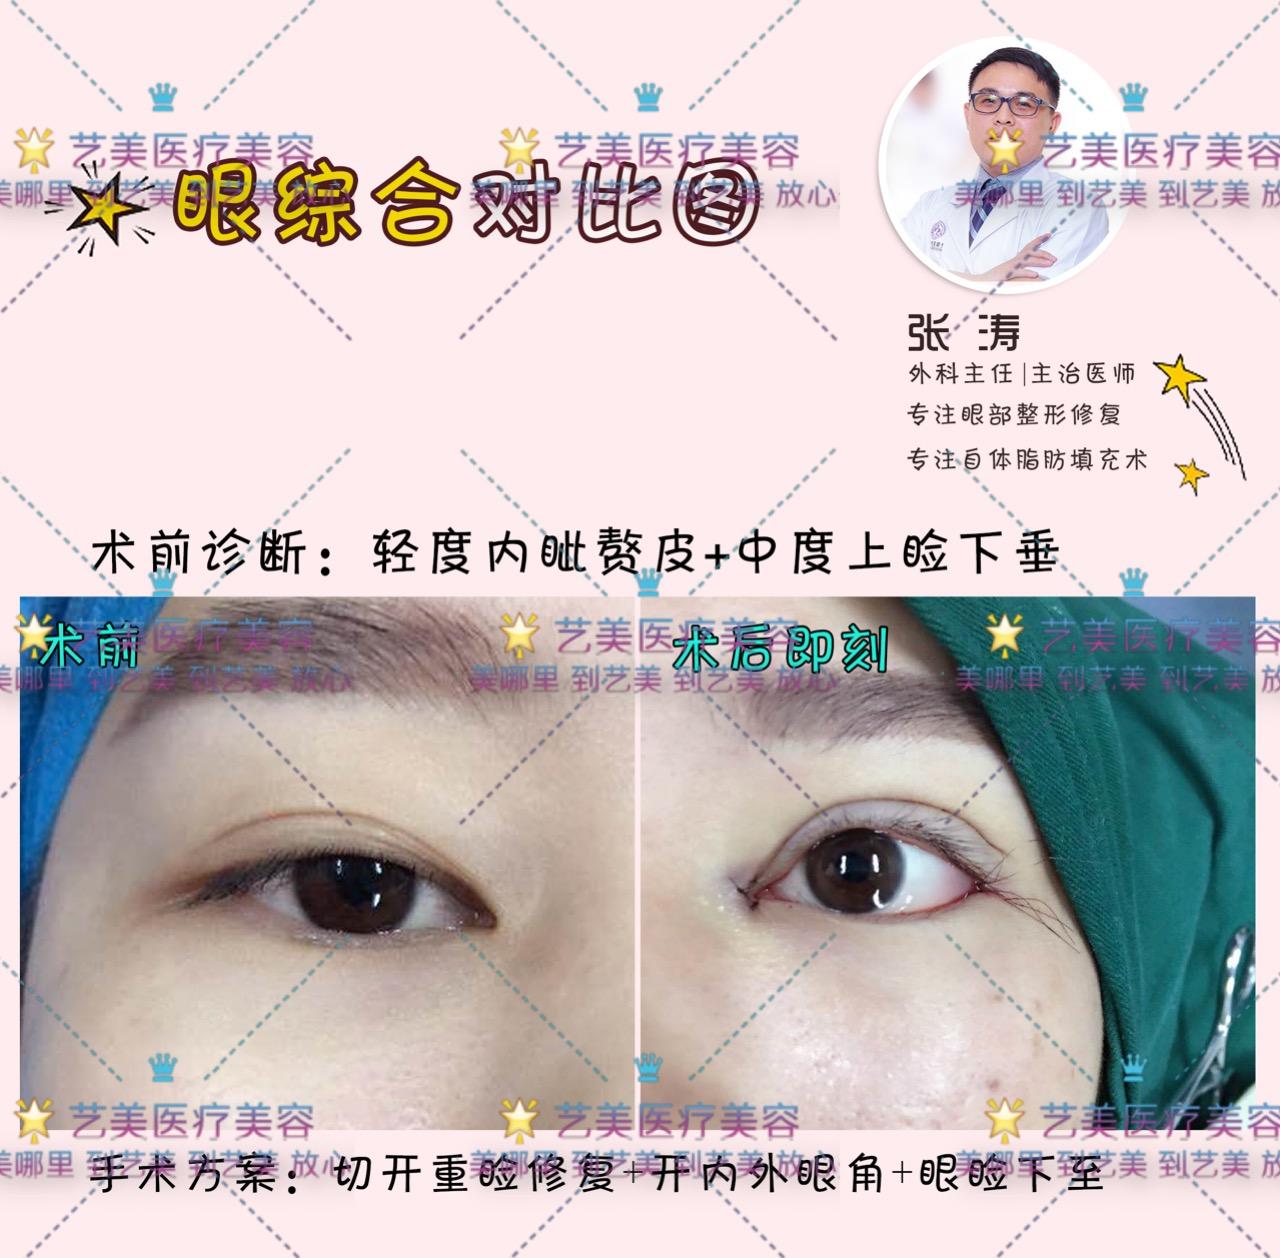 广州艺美医疗美容整形医院综合美眼